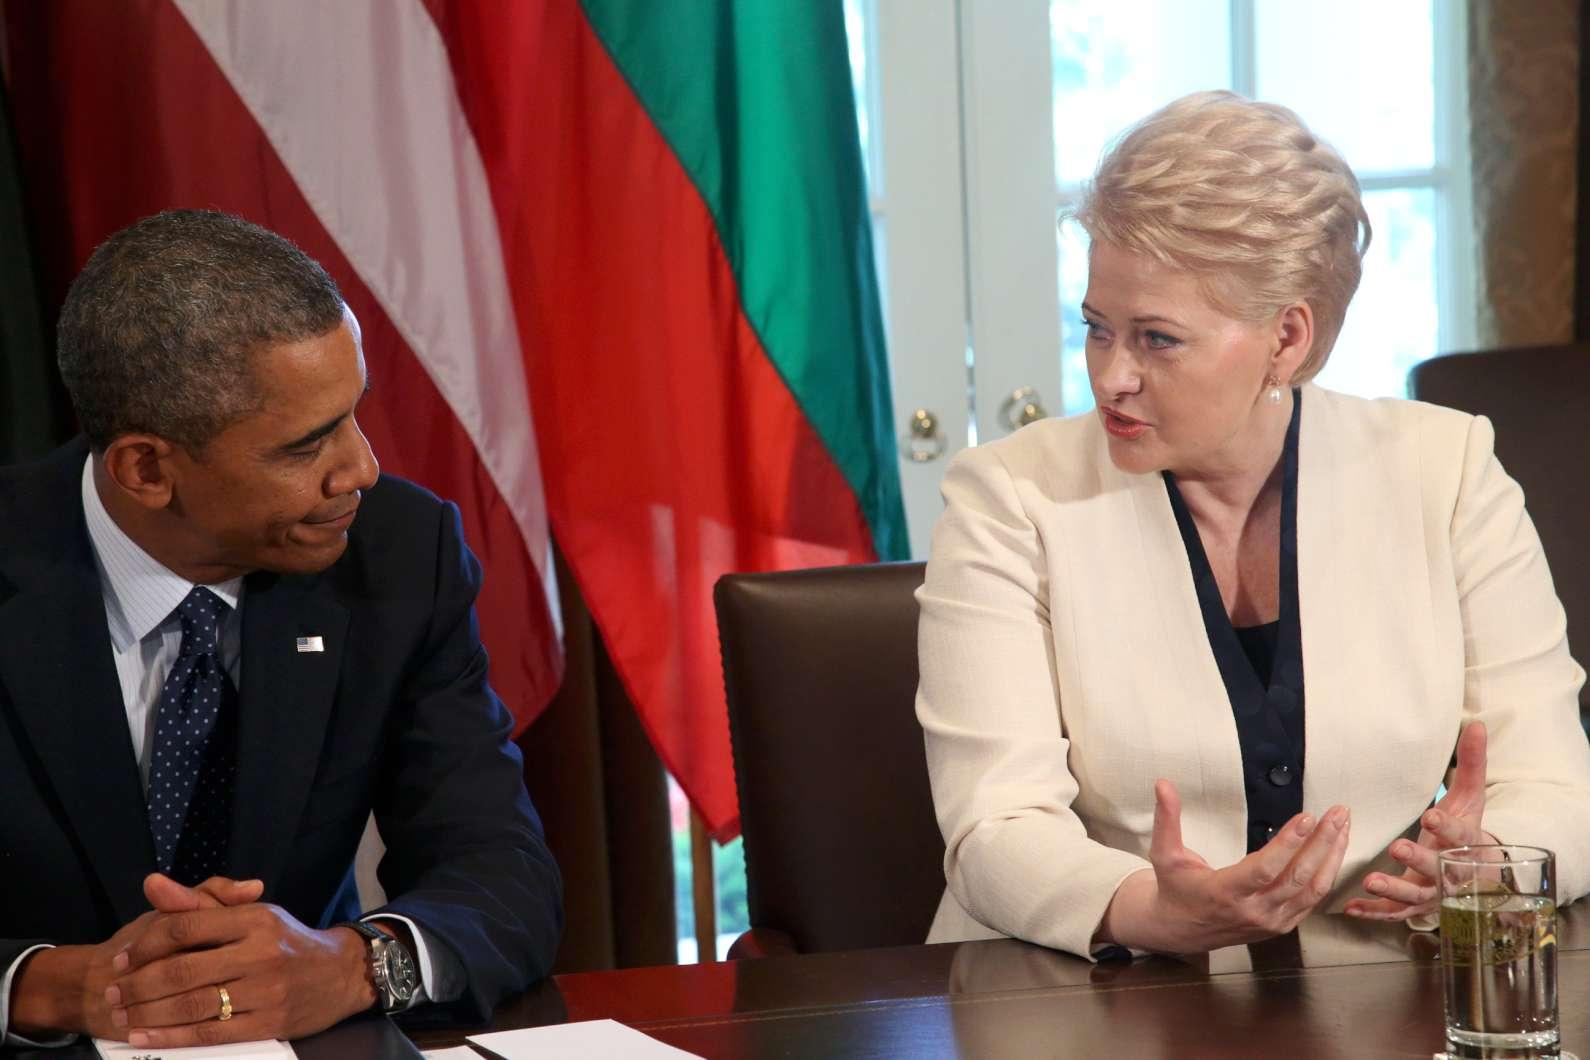 Dalia Grybauskaitė ir Barakas Obama | lrp.lt, Dž.G.Barysaitės nuotr.